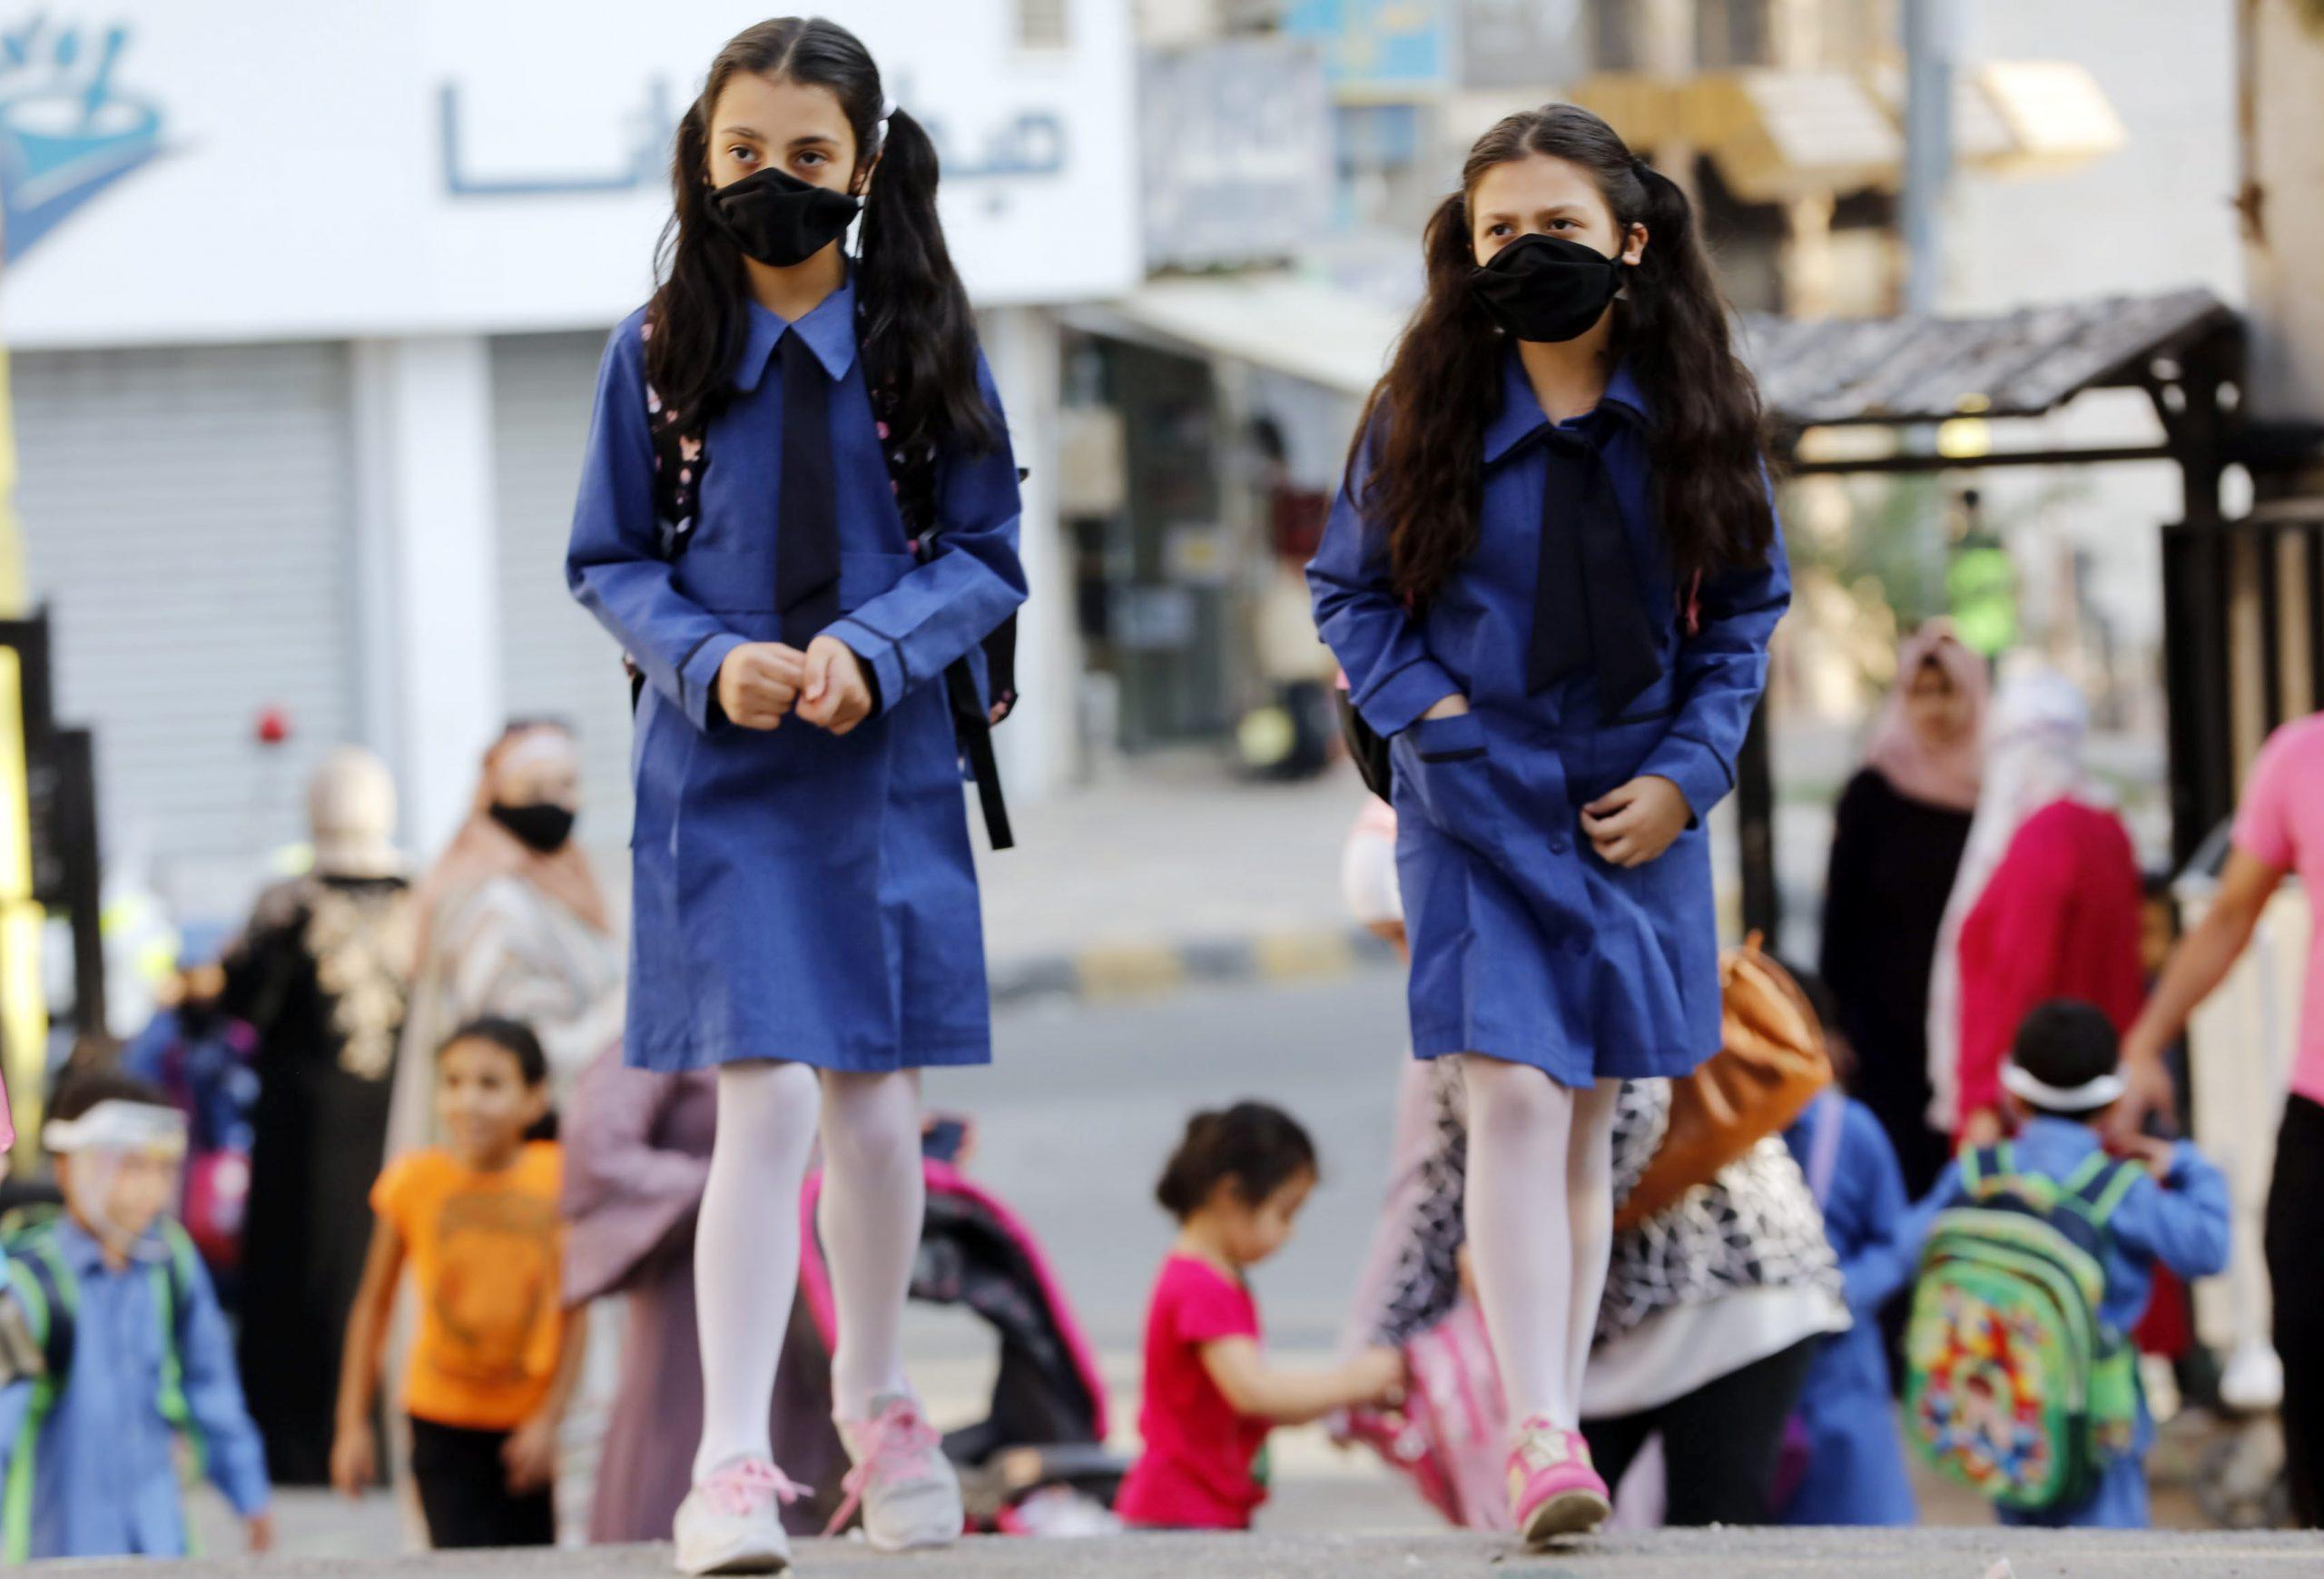 طالبتان اثناء مغادرتهما إحدى المدارس الحكومية في عمان -(تصوير: محمد مغايضة)